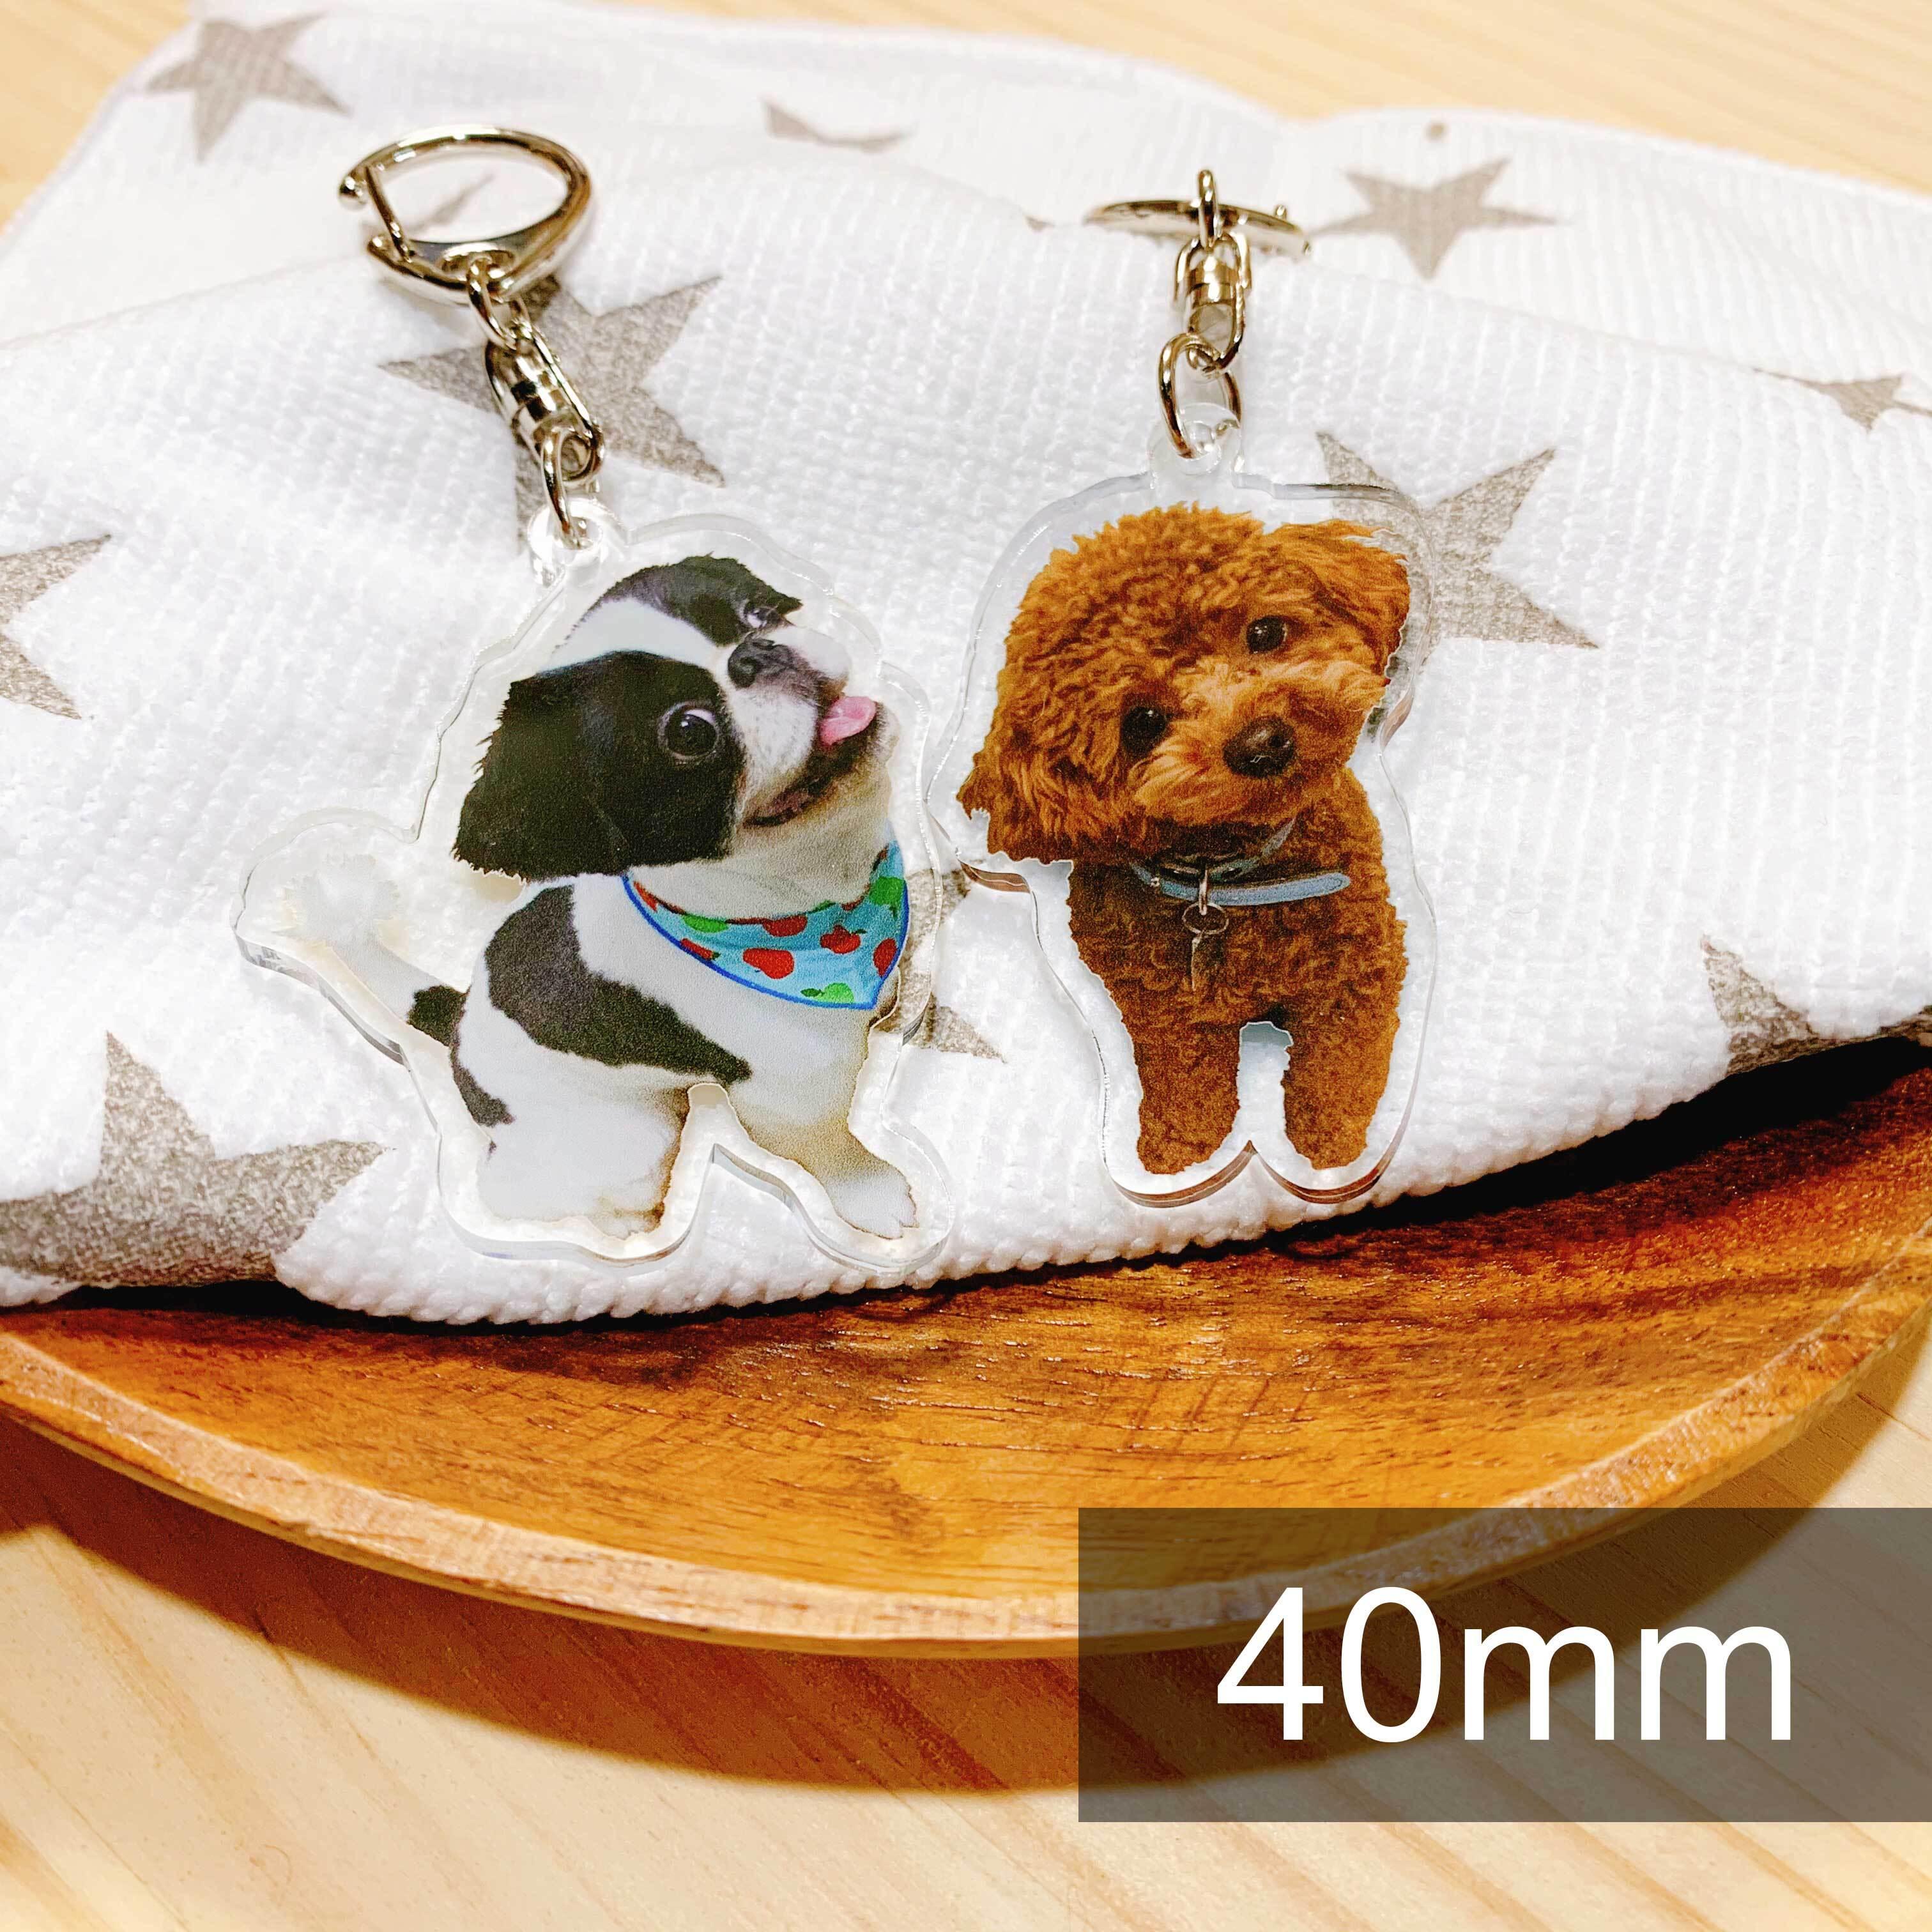 【受注商品】(両面印刷)40mm アクリルキーホルダー